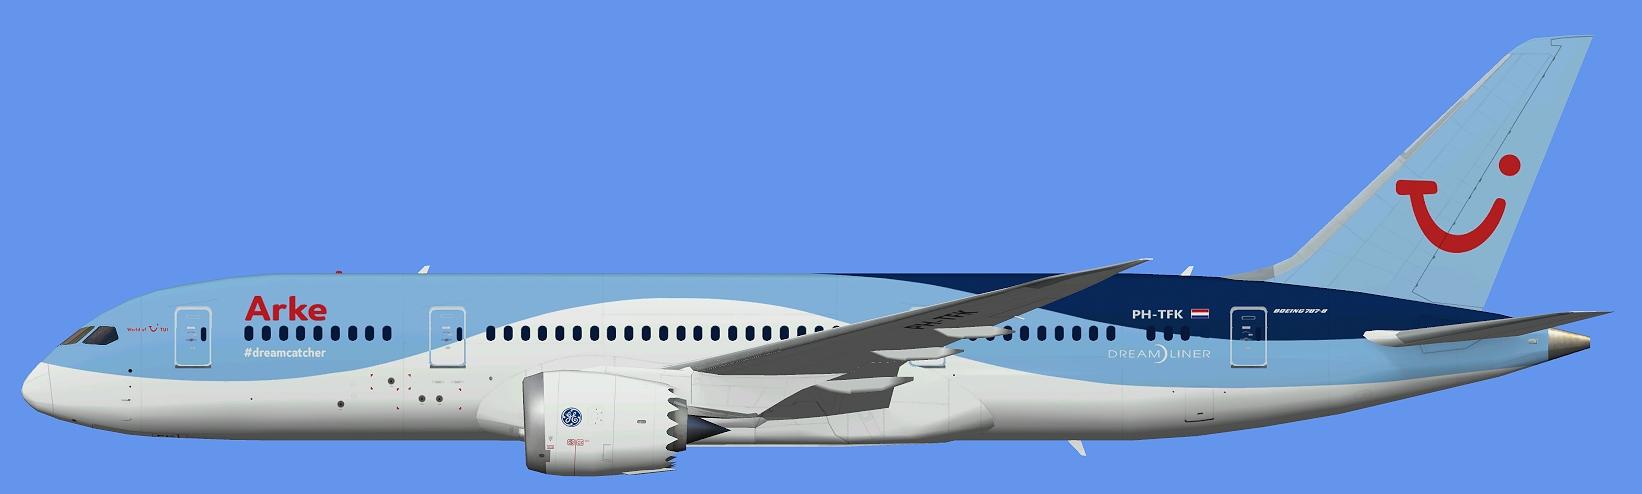 Air Canada – Juergen's paint hangar